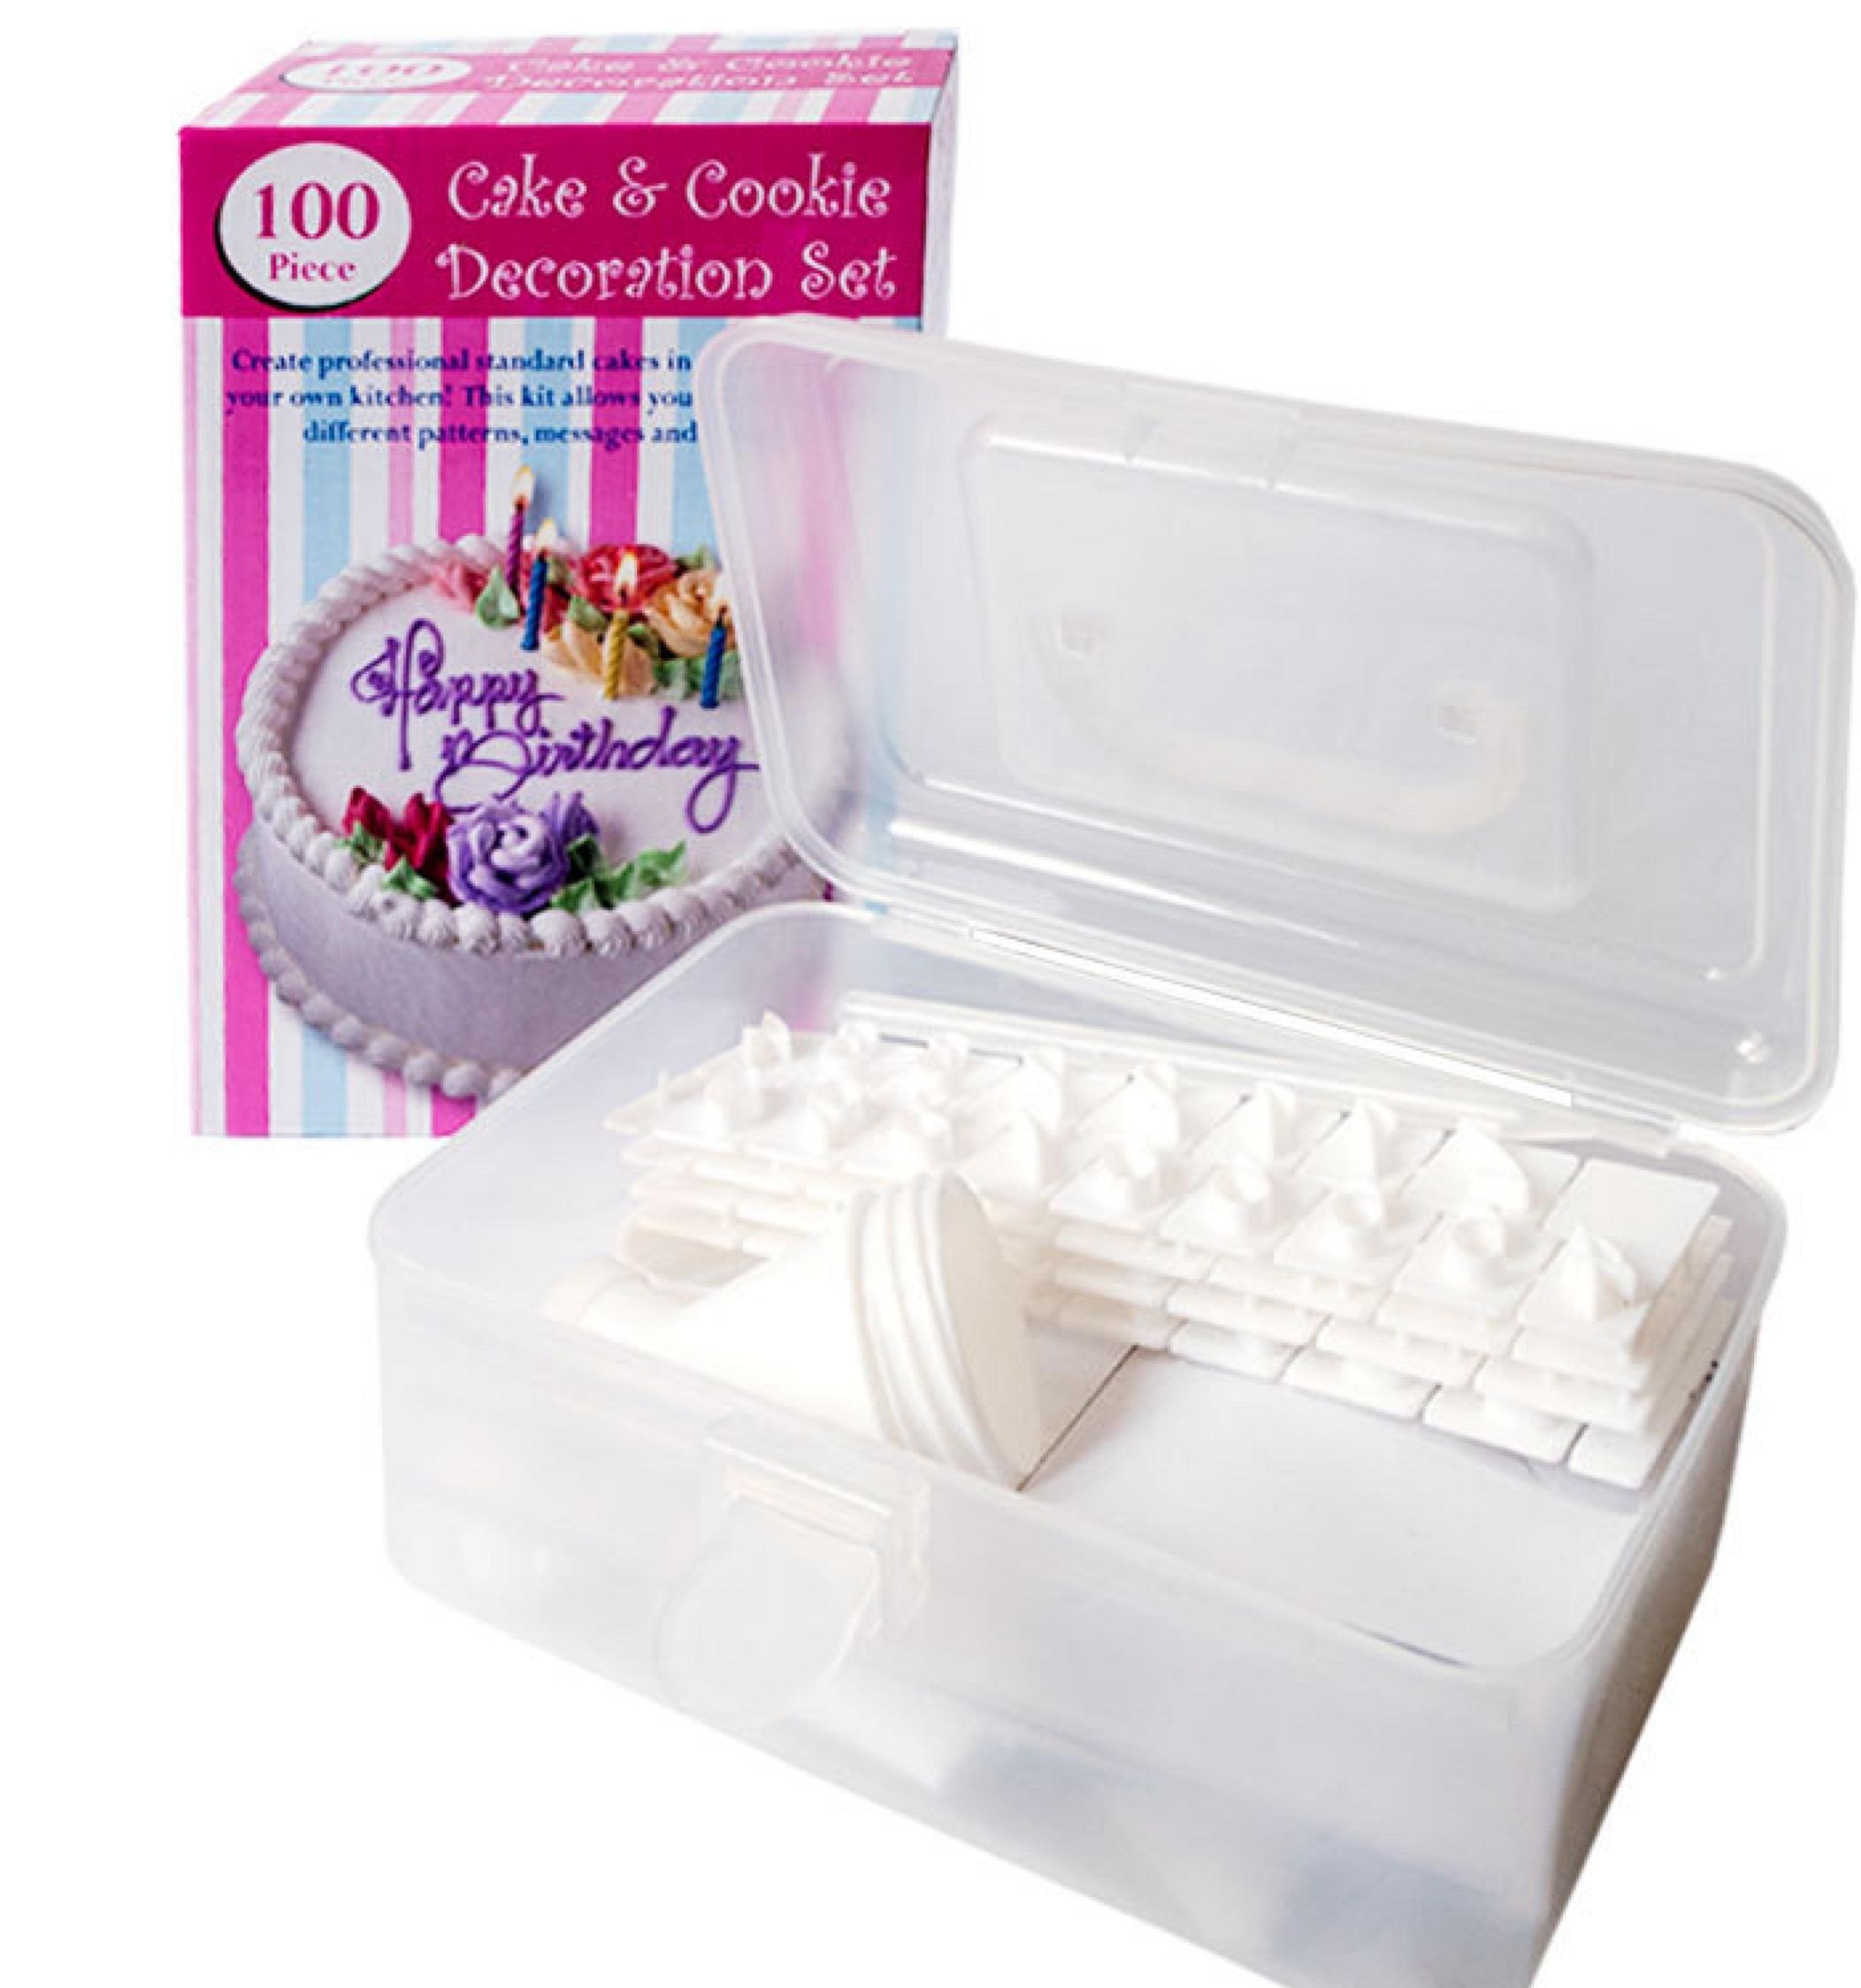 Набор для декорирования тортов 100 Piece Cake Decoration Kit